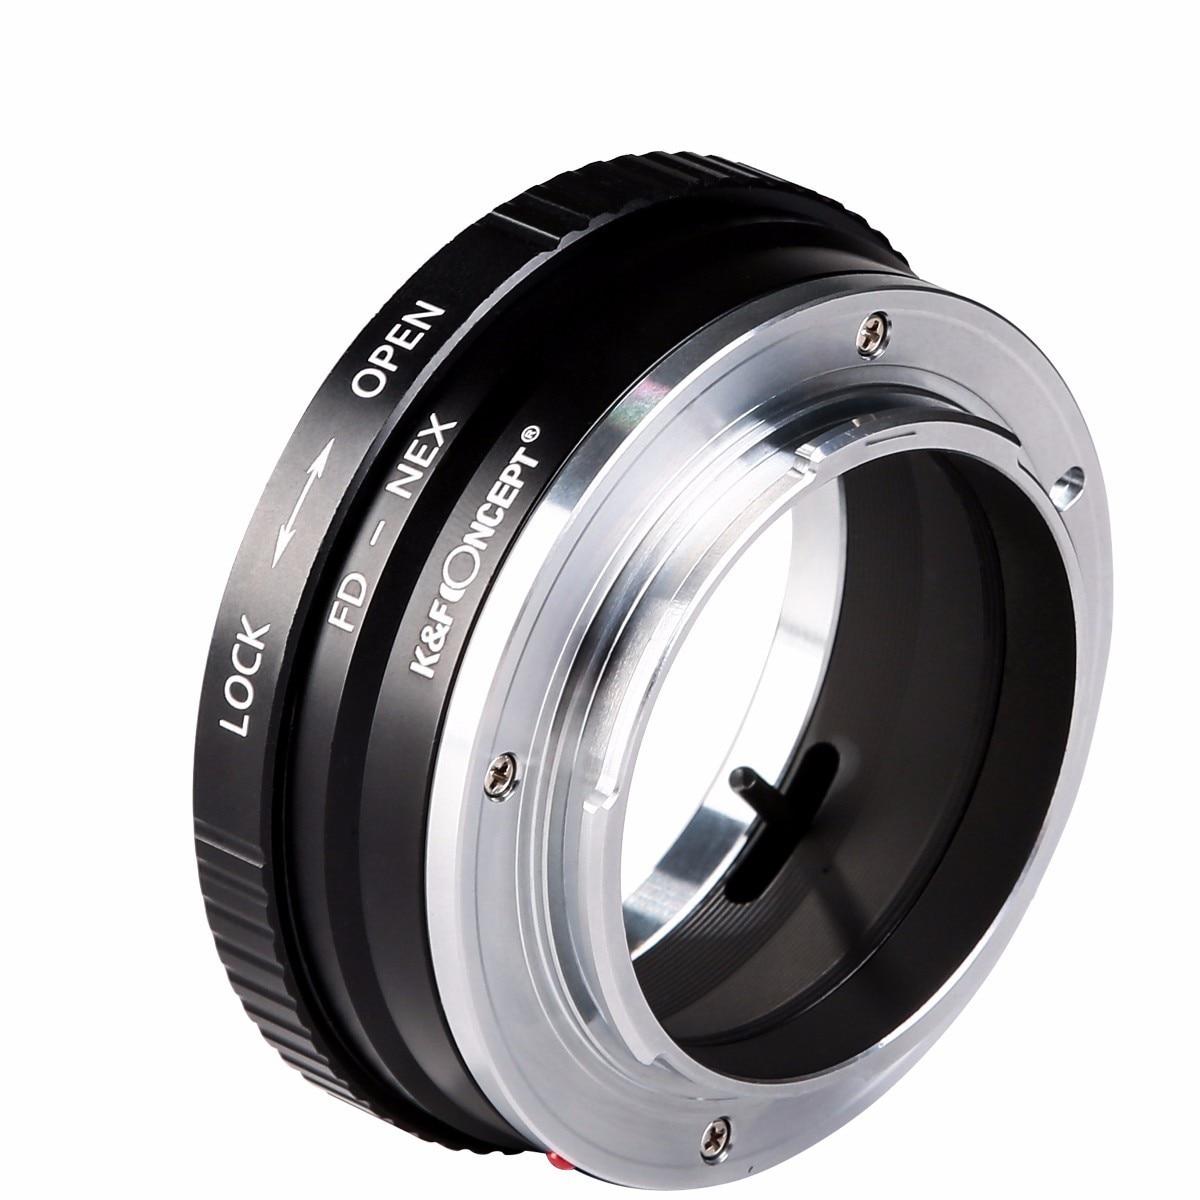 K & F koncept Alt-kobber interface høj præcision objektiv adapter - Kamera og foto - Foto 3